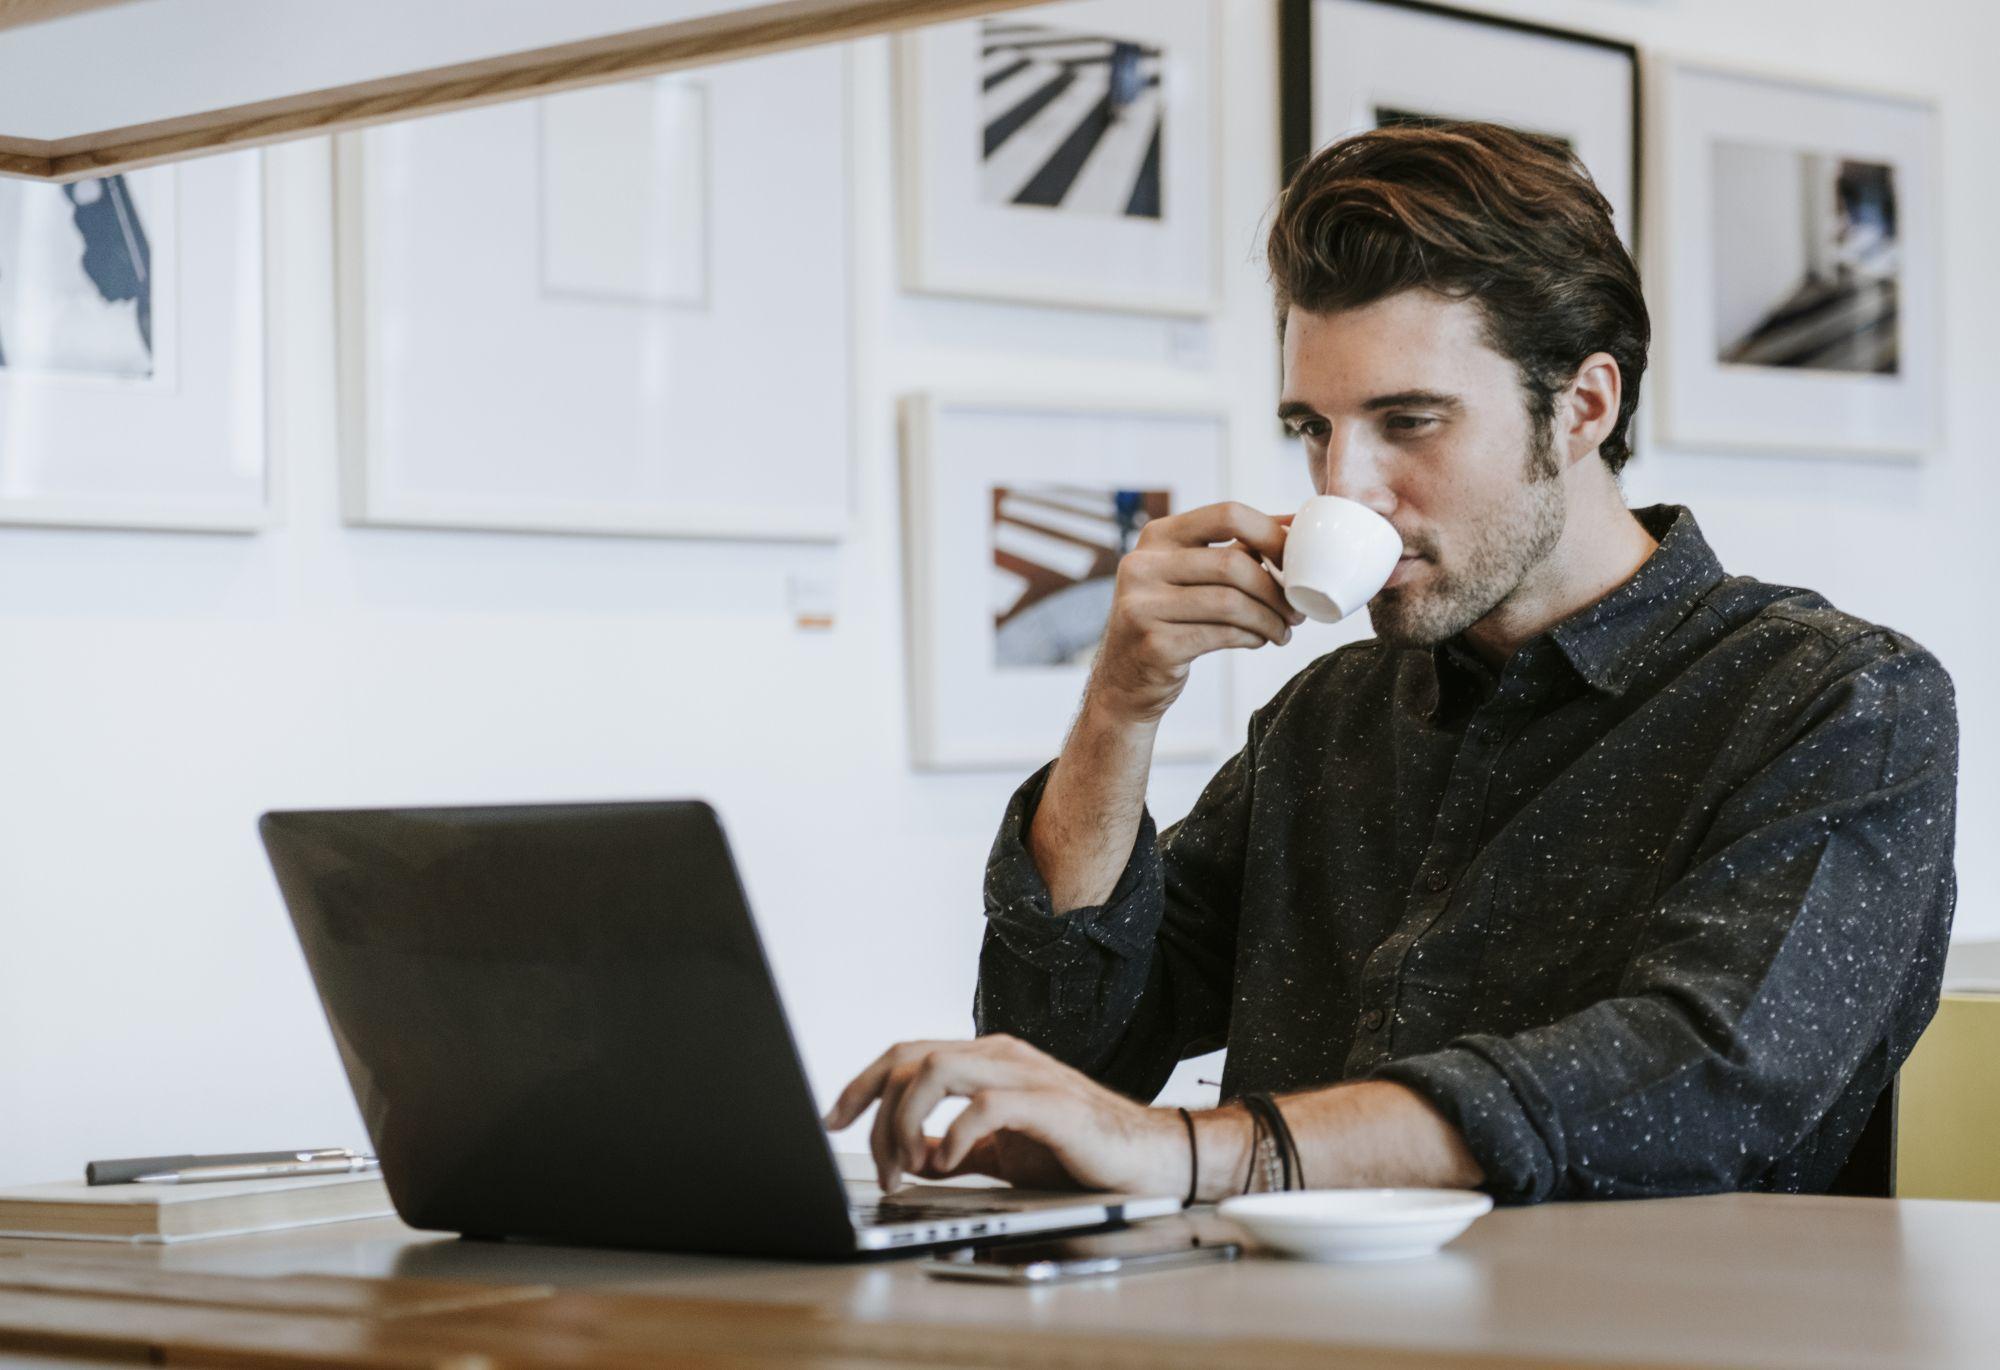 Munkahelyi környezetben jobban megéri profi laptopot használni